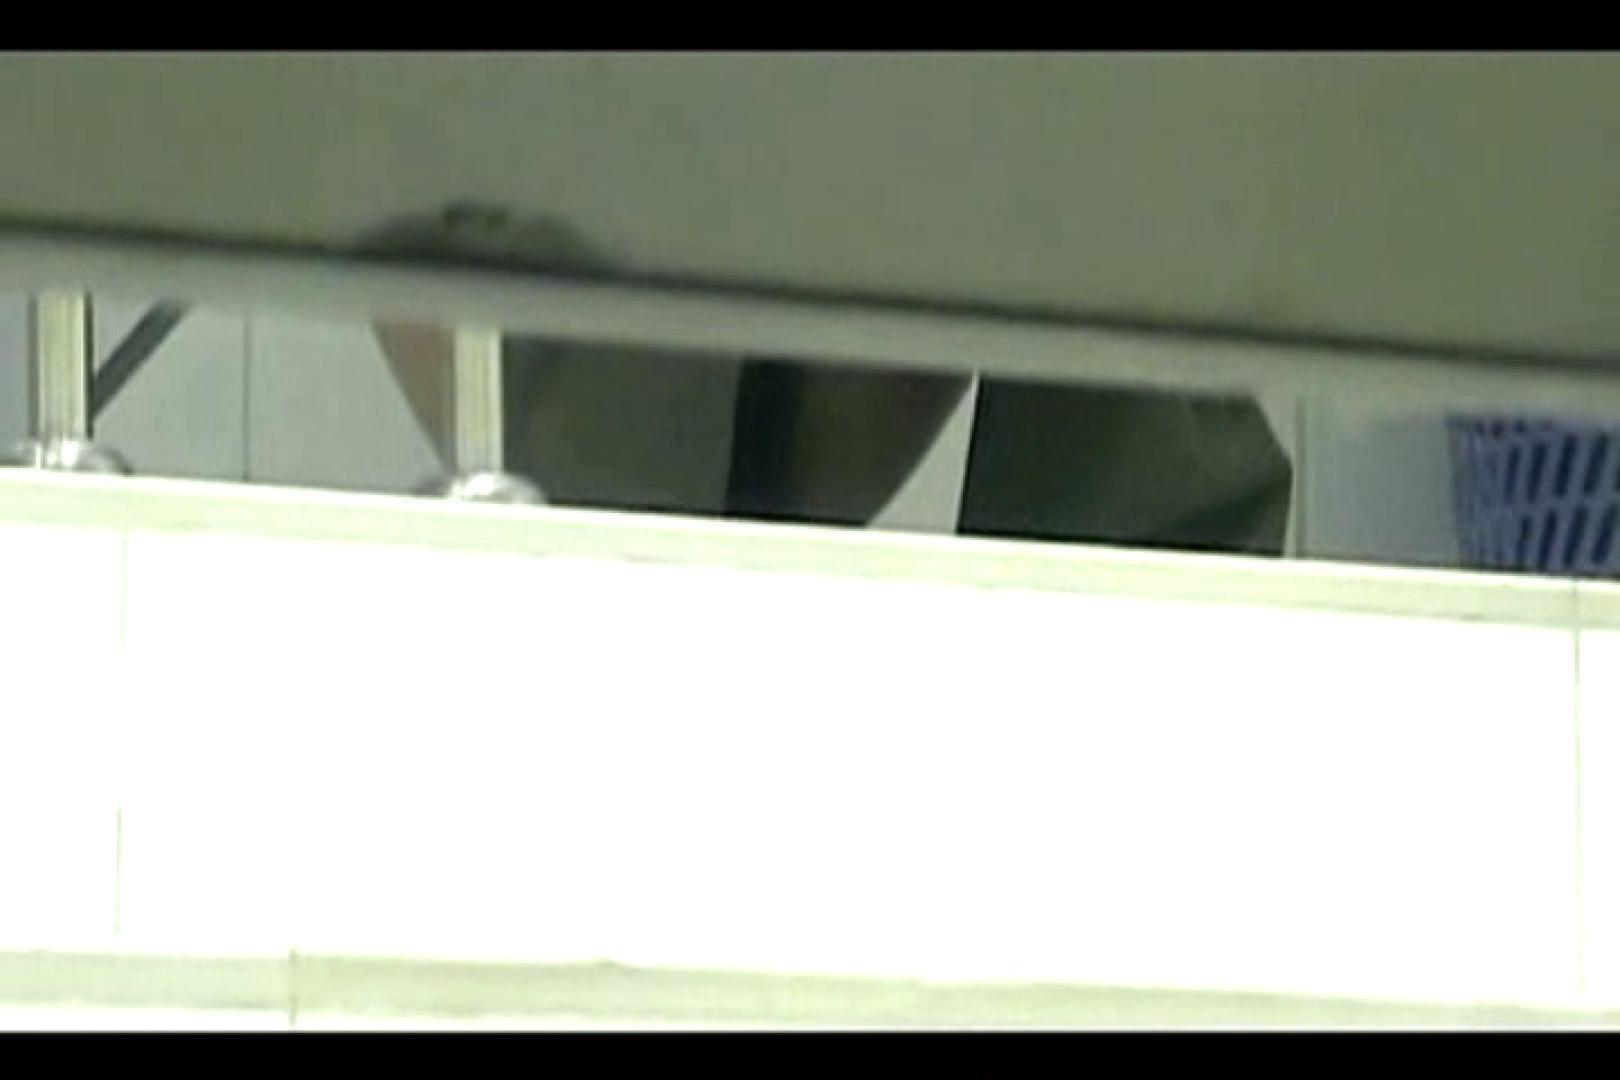 ぼっとん洗面所スペシャルVol.2 洗面所突入 | マンコ・ムレムレ  106pic 37